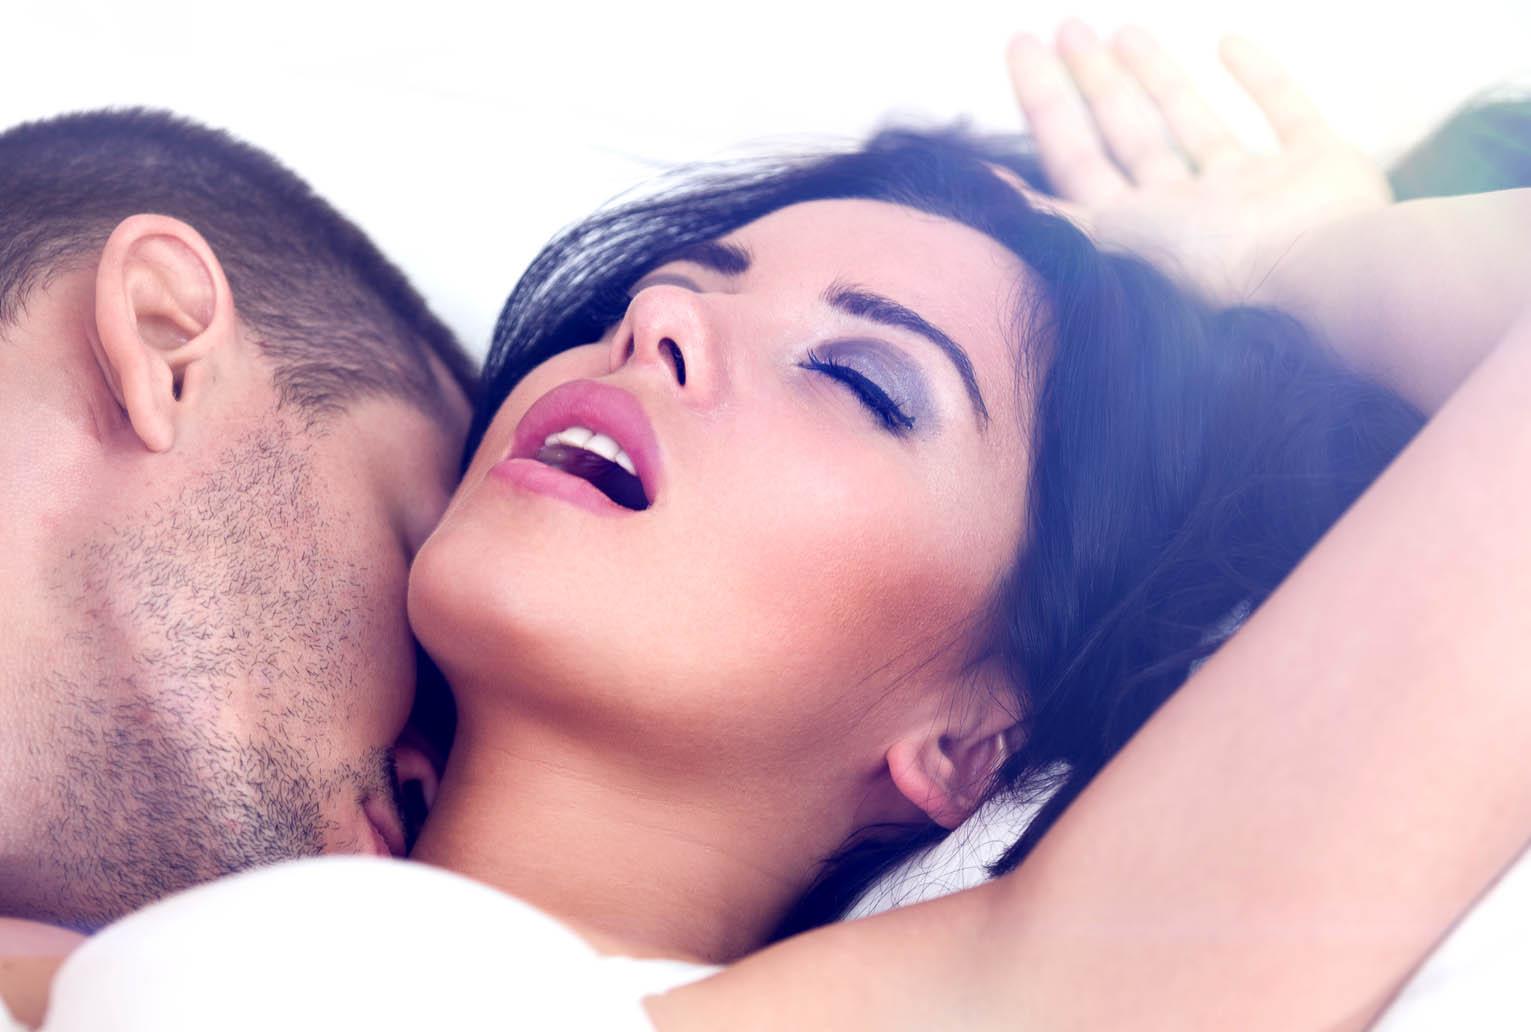 Секс и много стонов, Онлайн порно видео по запросу - громко стонет 23 фотография